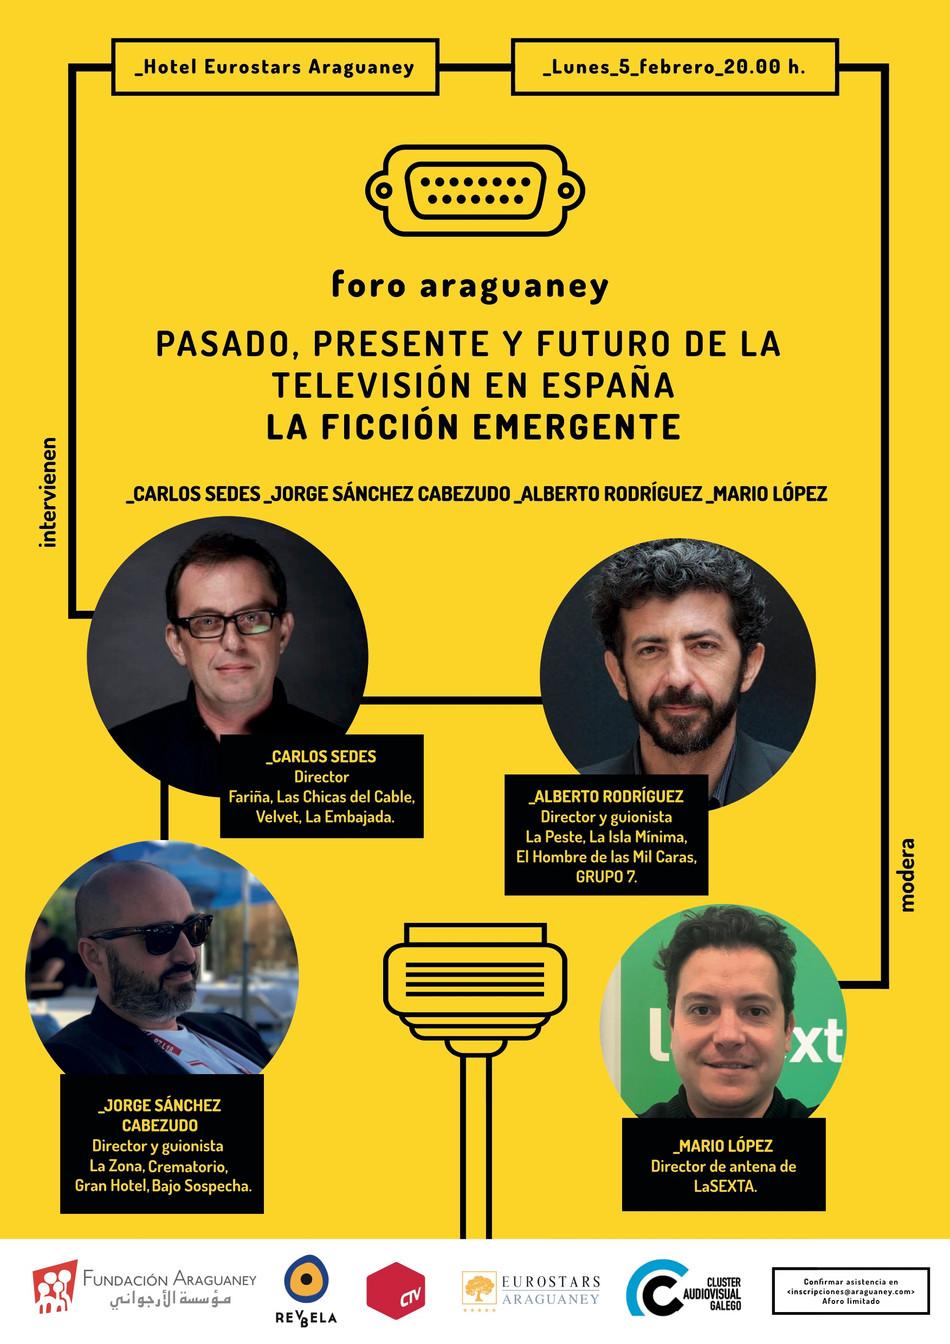 Pasado, presente y futuro de la televisión en España: la ficción emergente